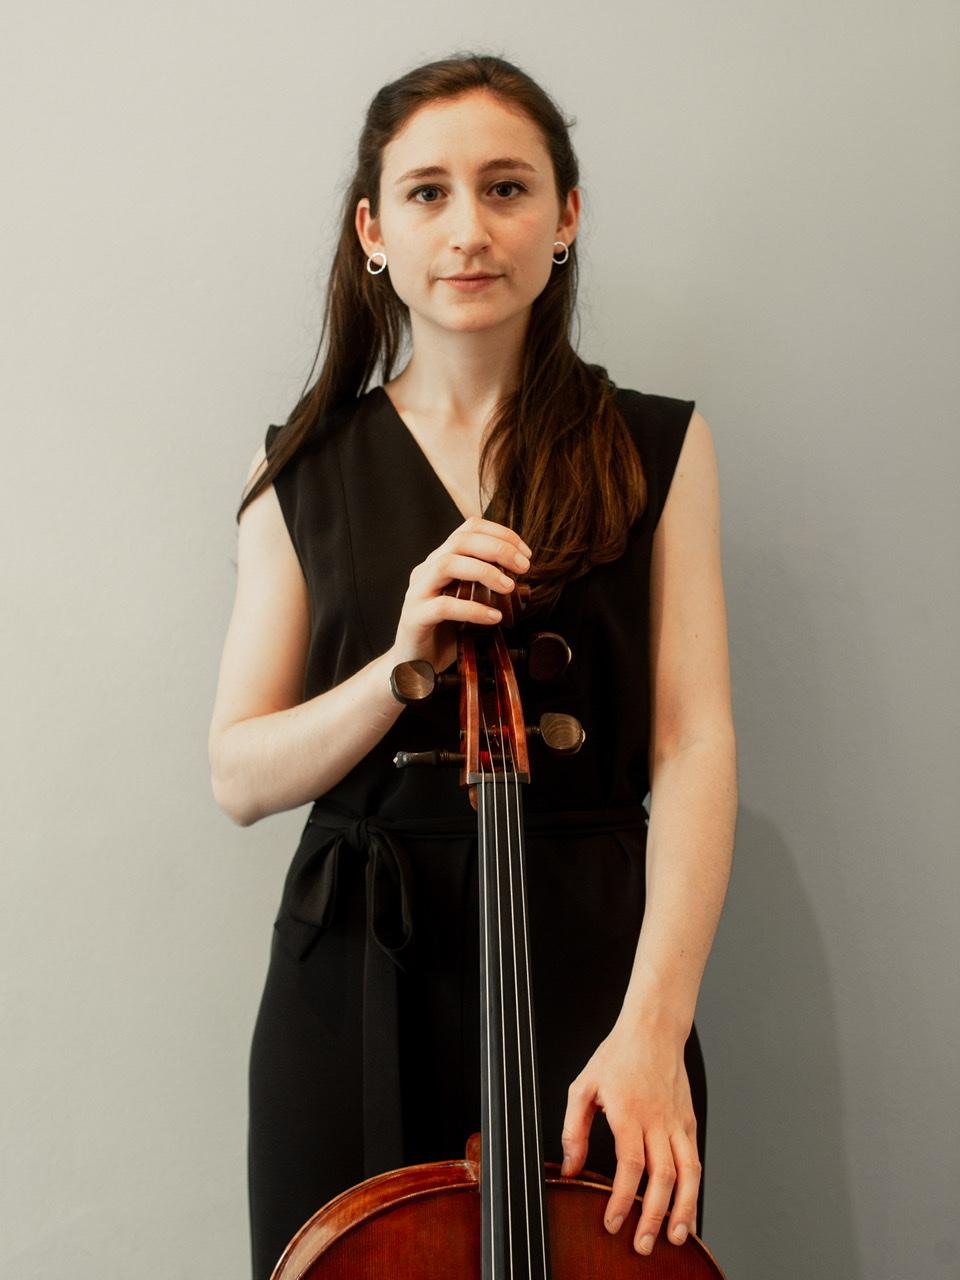 Eliza Millett